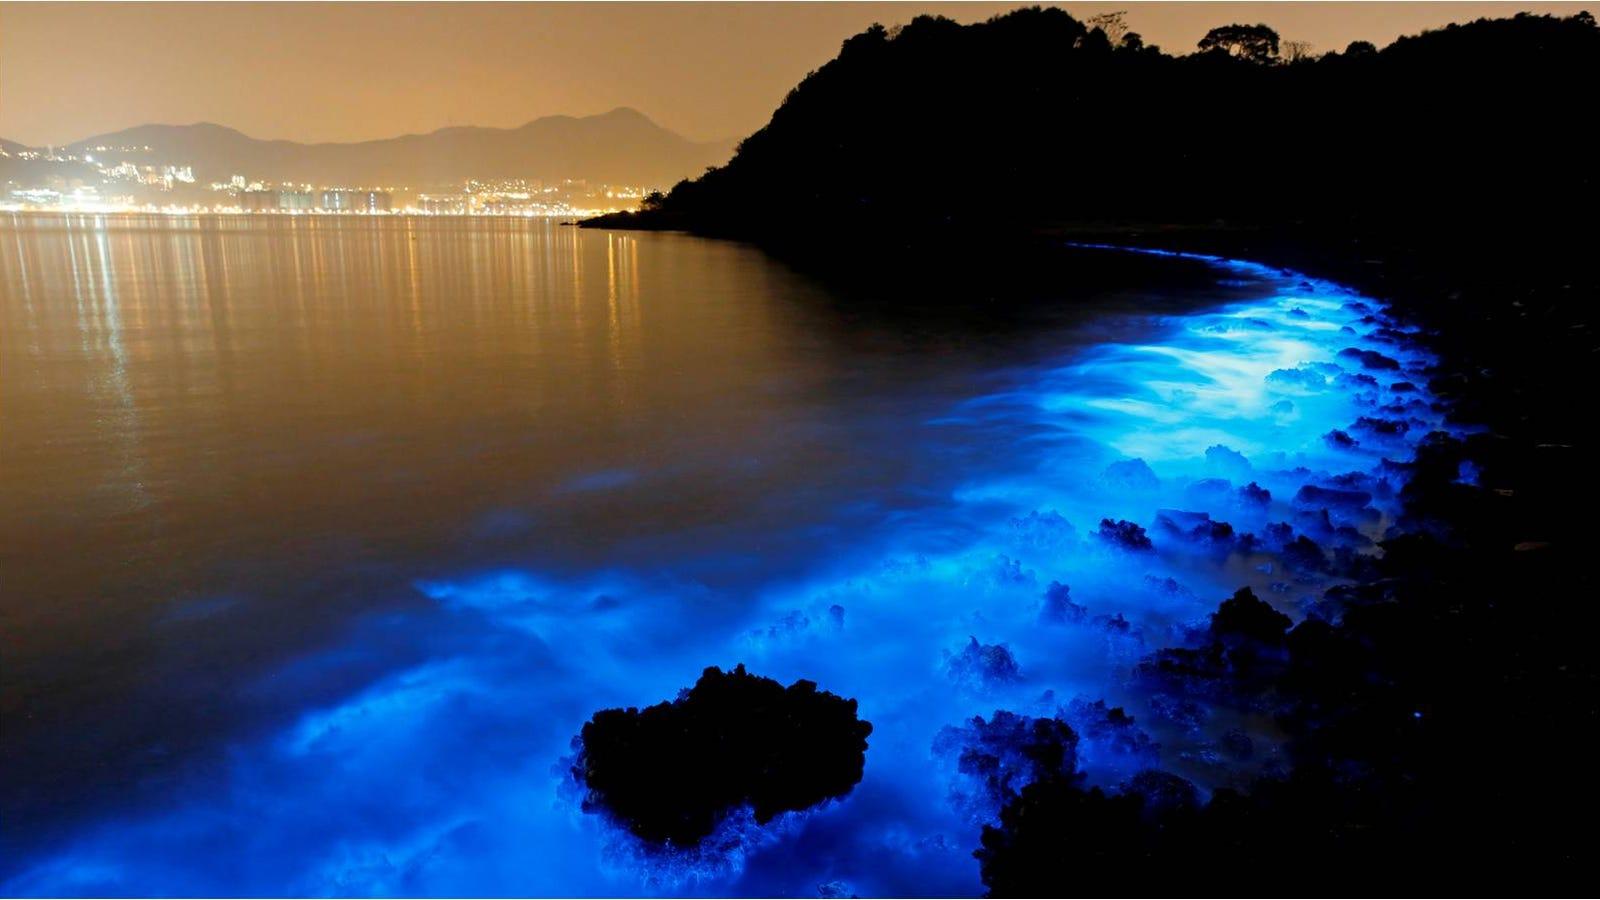 11 playas tan extrañas que parecen sacadas de otro planeta